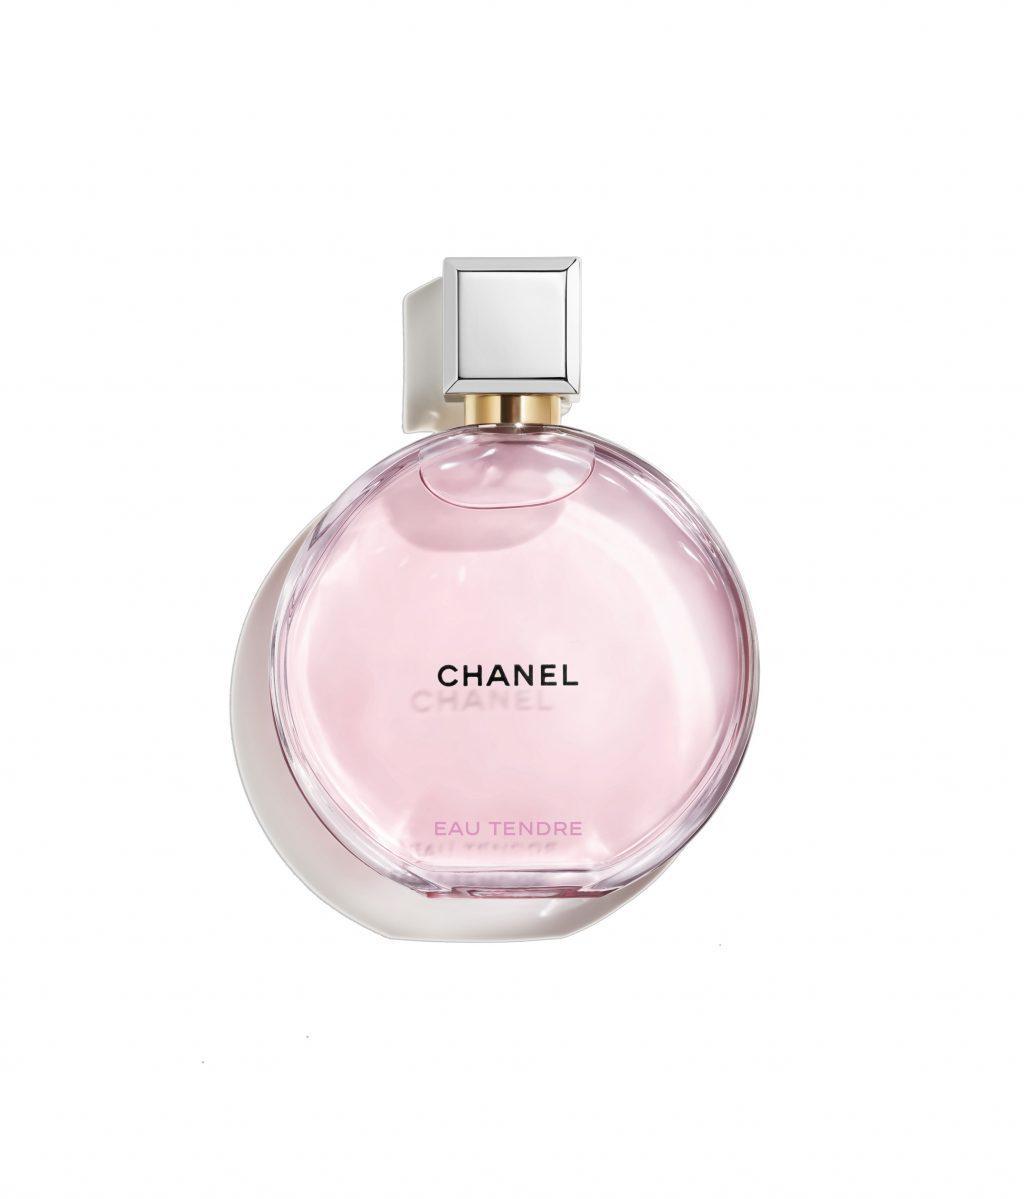 عطر واحد و5 رموز ووحدها Chanel تعرف الأسرار